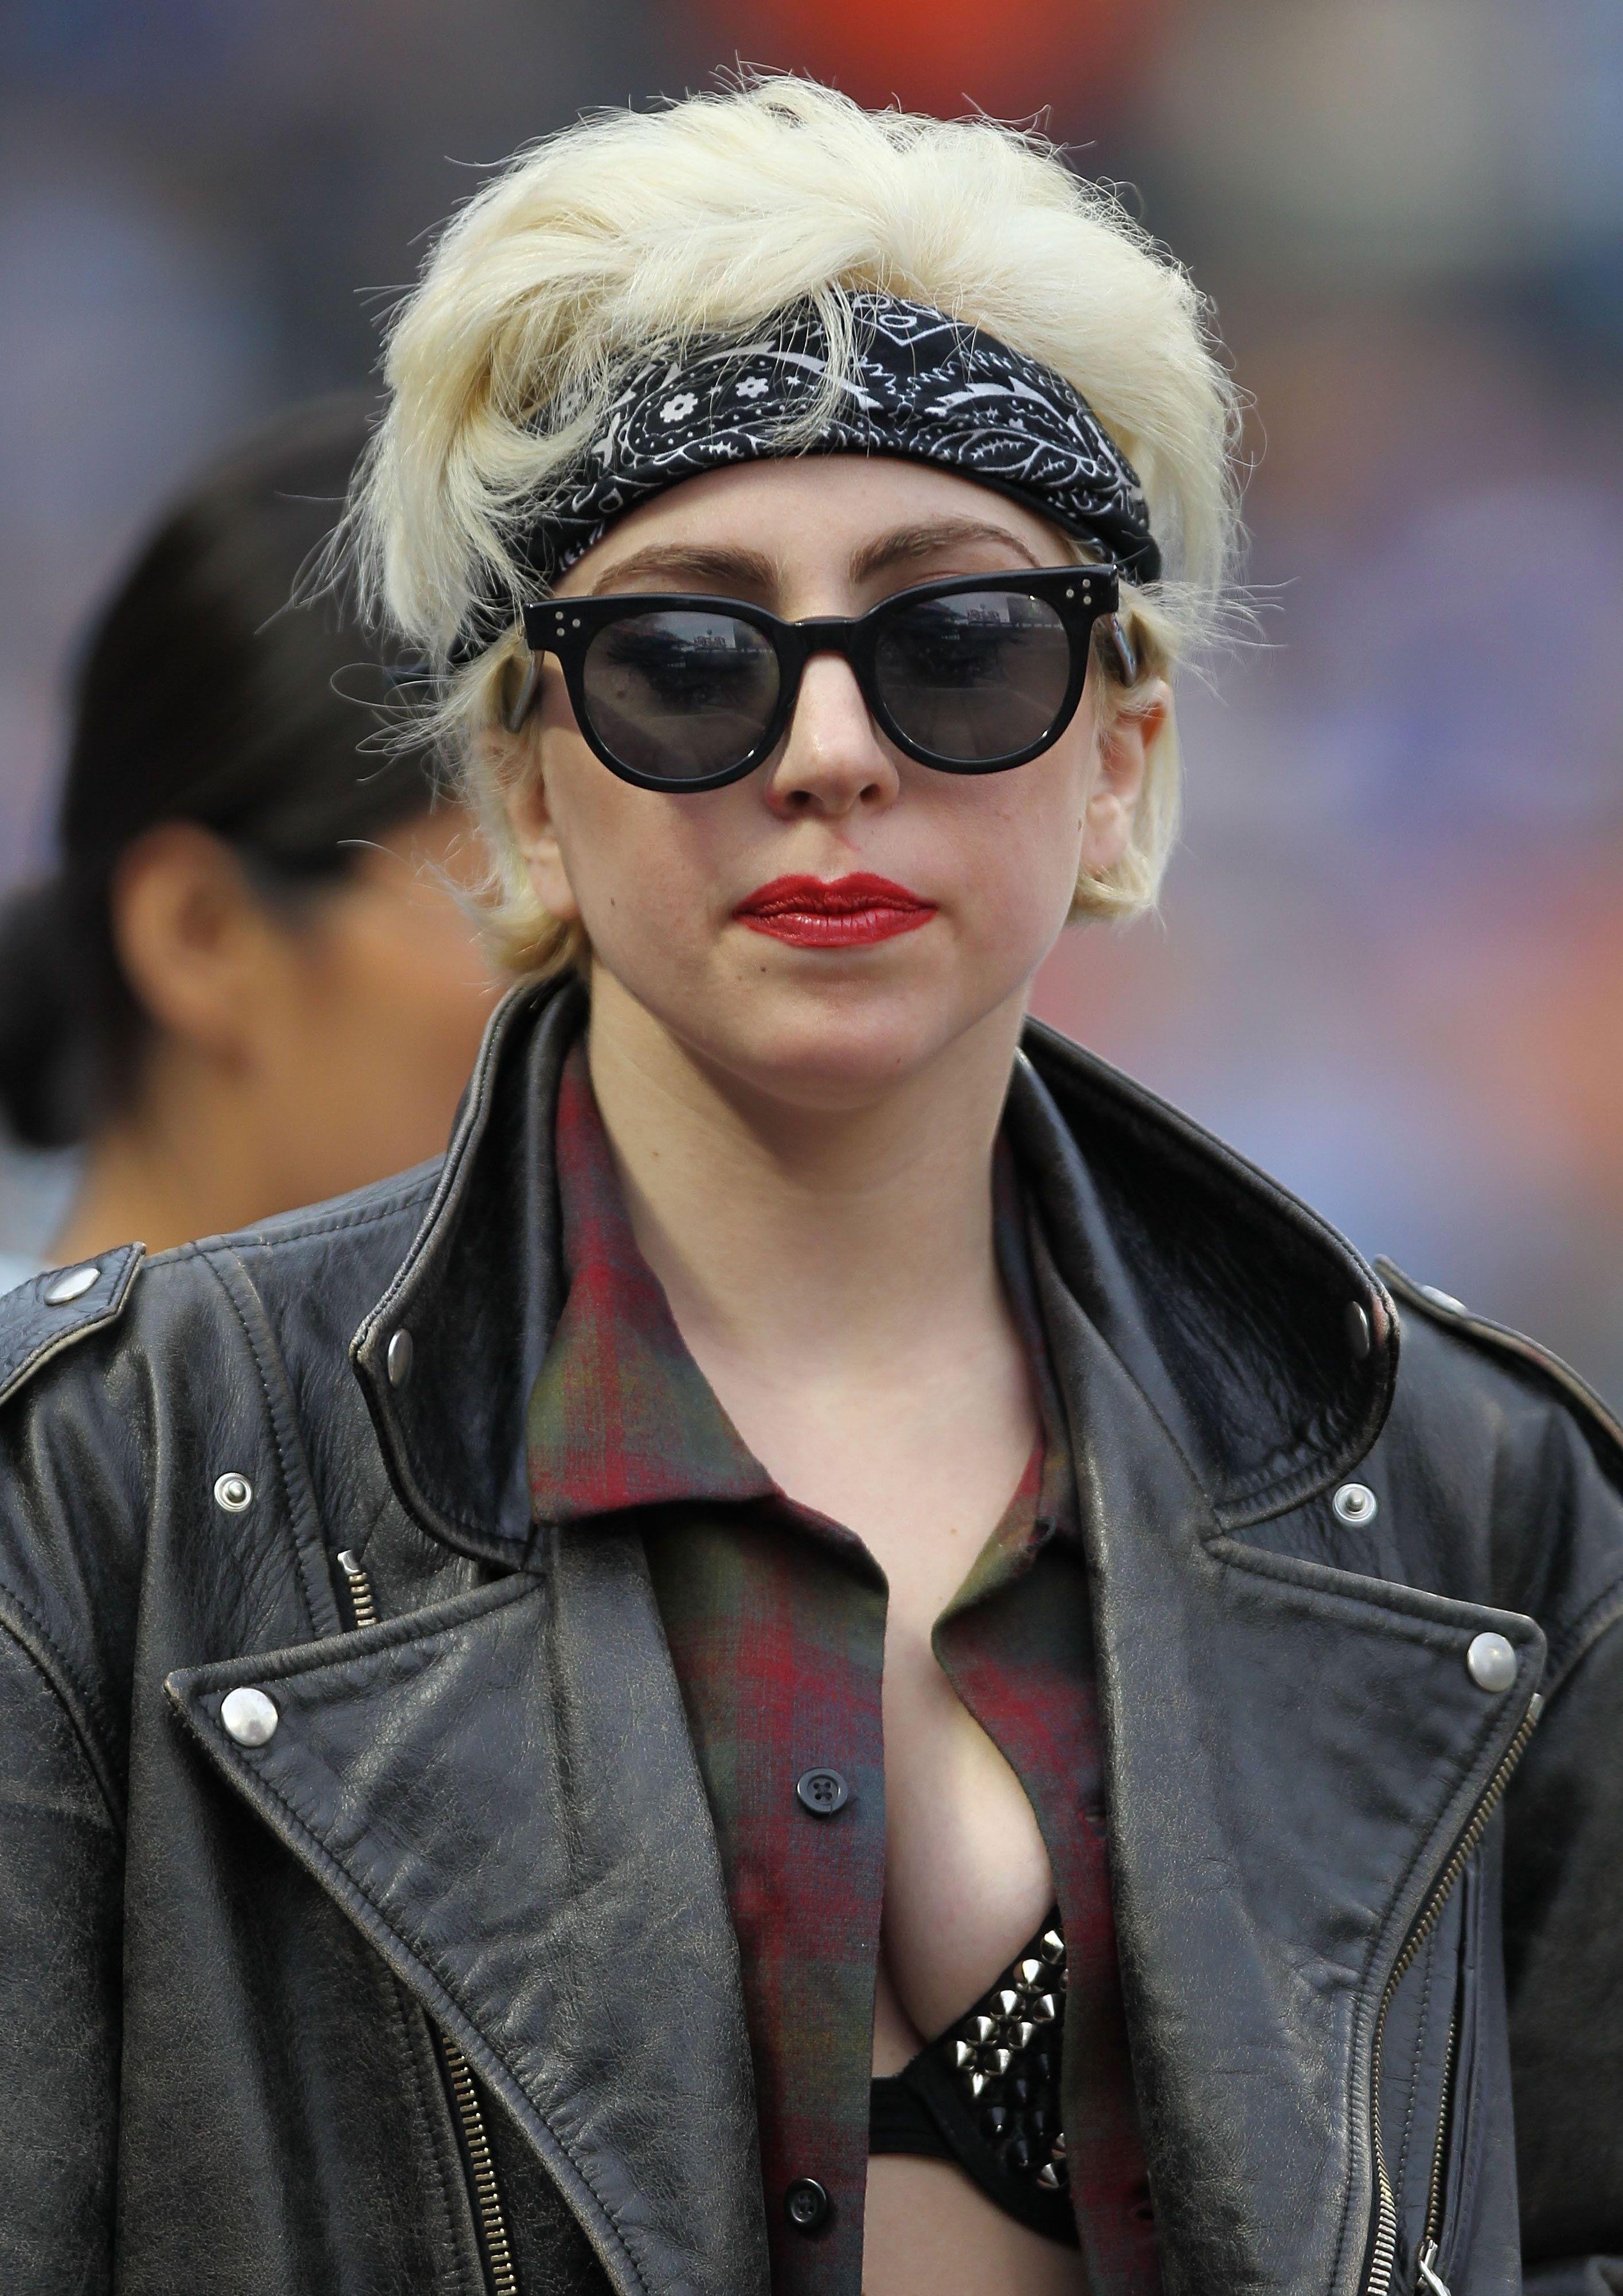 Lady Gaga 2010 Short Blonde Hair Short Hair Styles Short Blonde